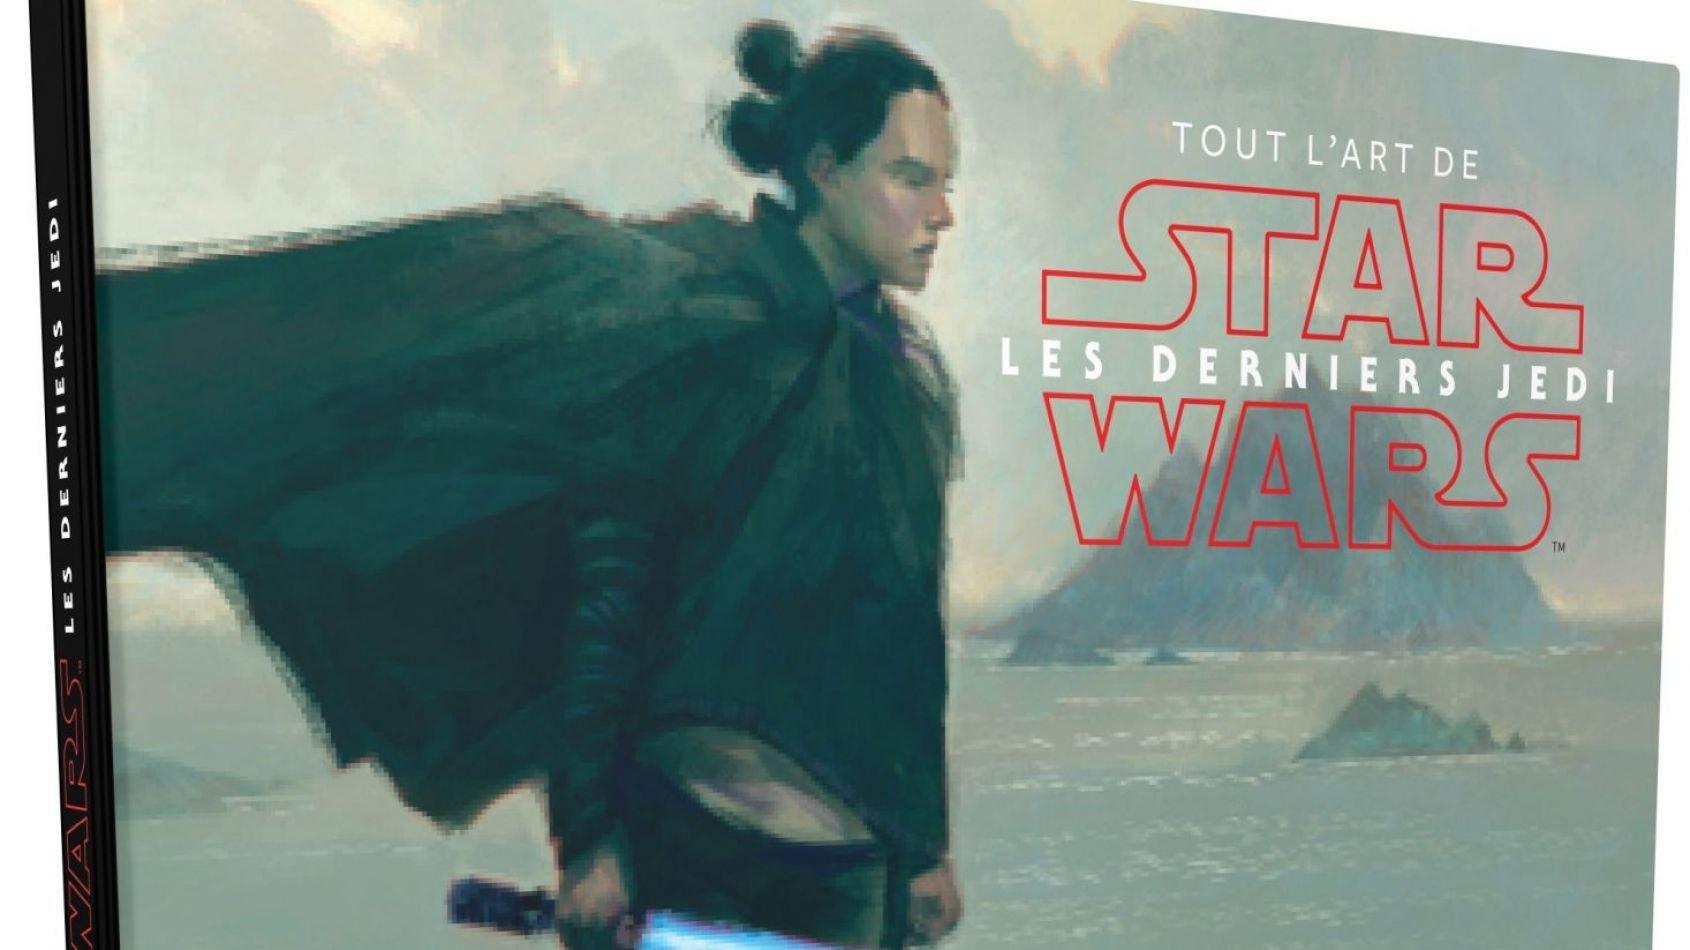 Huginn & Muninn : Sortie de Tout l'Art de Star Wars Les Derniers Jedi